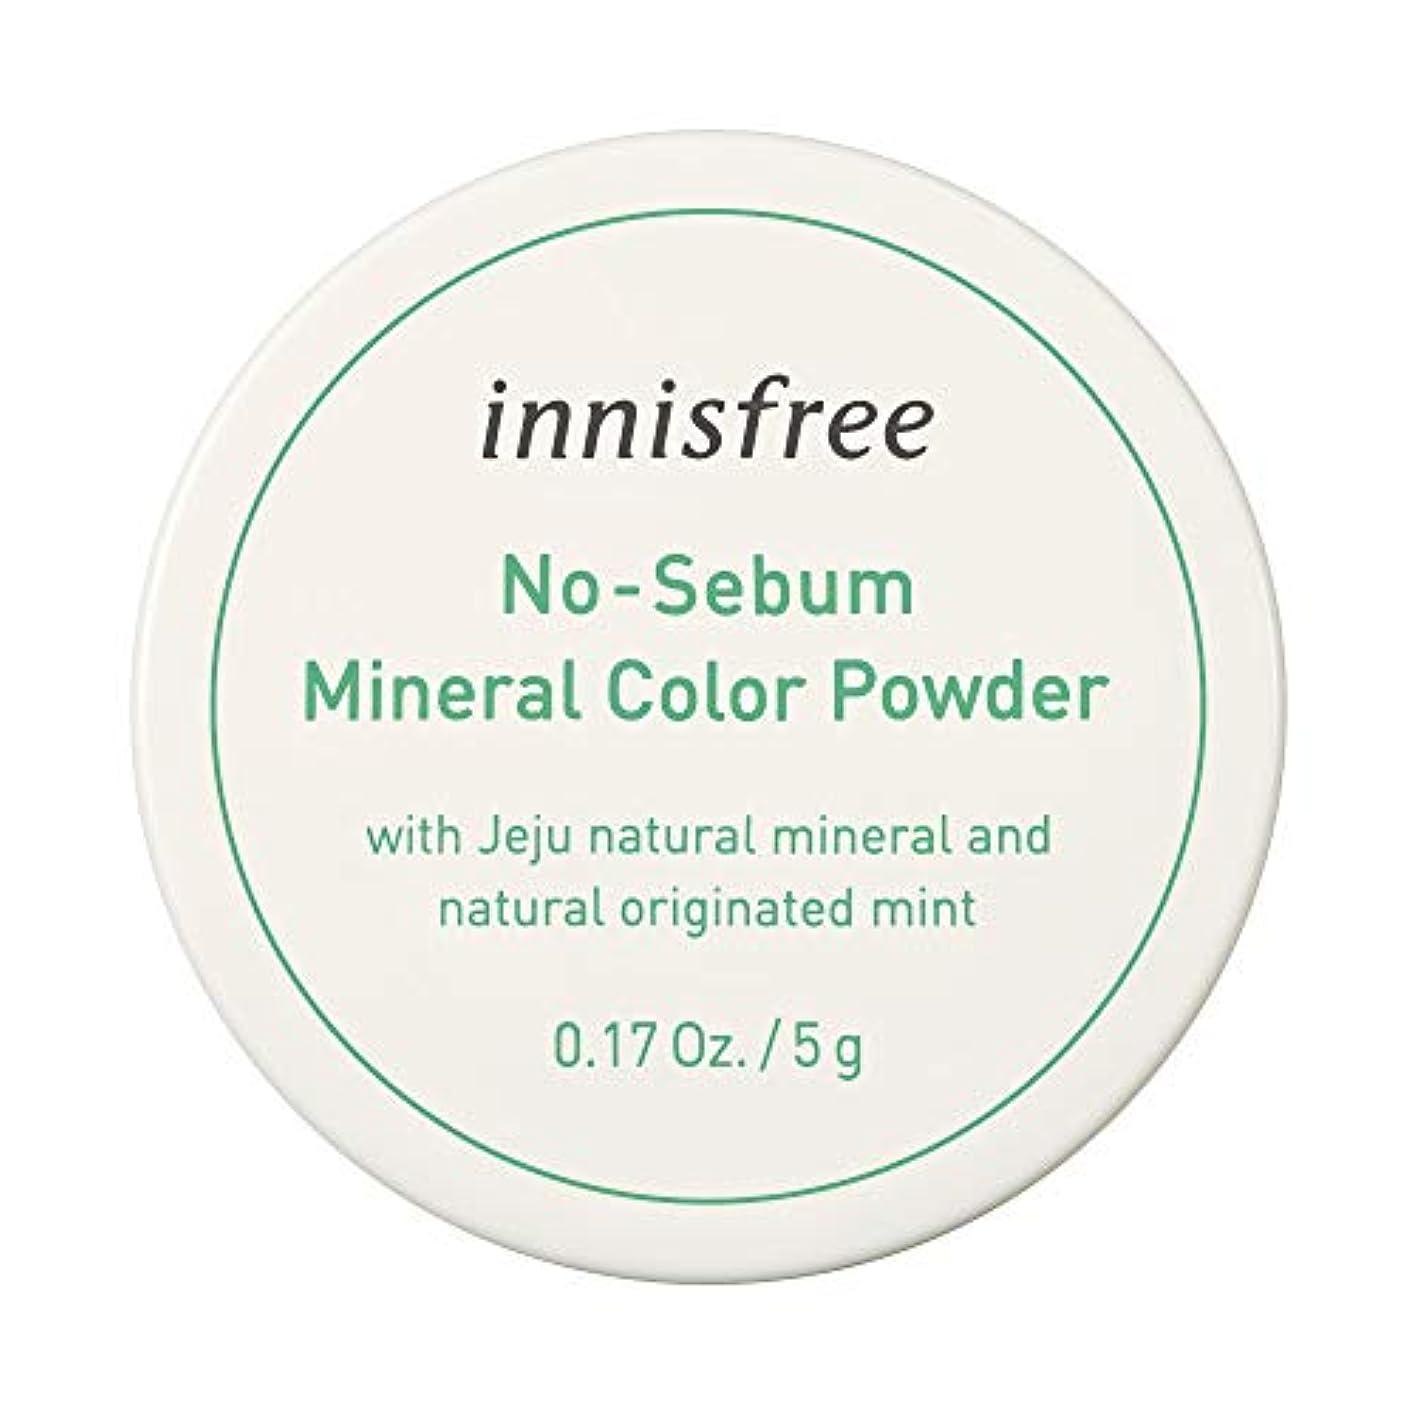 評価観光細菌イニスフリー(innisfree) ノーセバム ミネラルカラーパウダー 2[グリーン (赤みの補正に)] ファンデーション パウダー/グリーン 5g